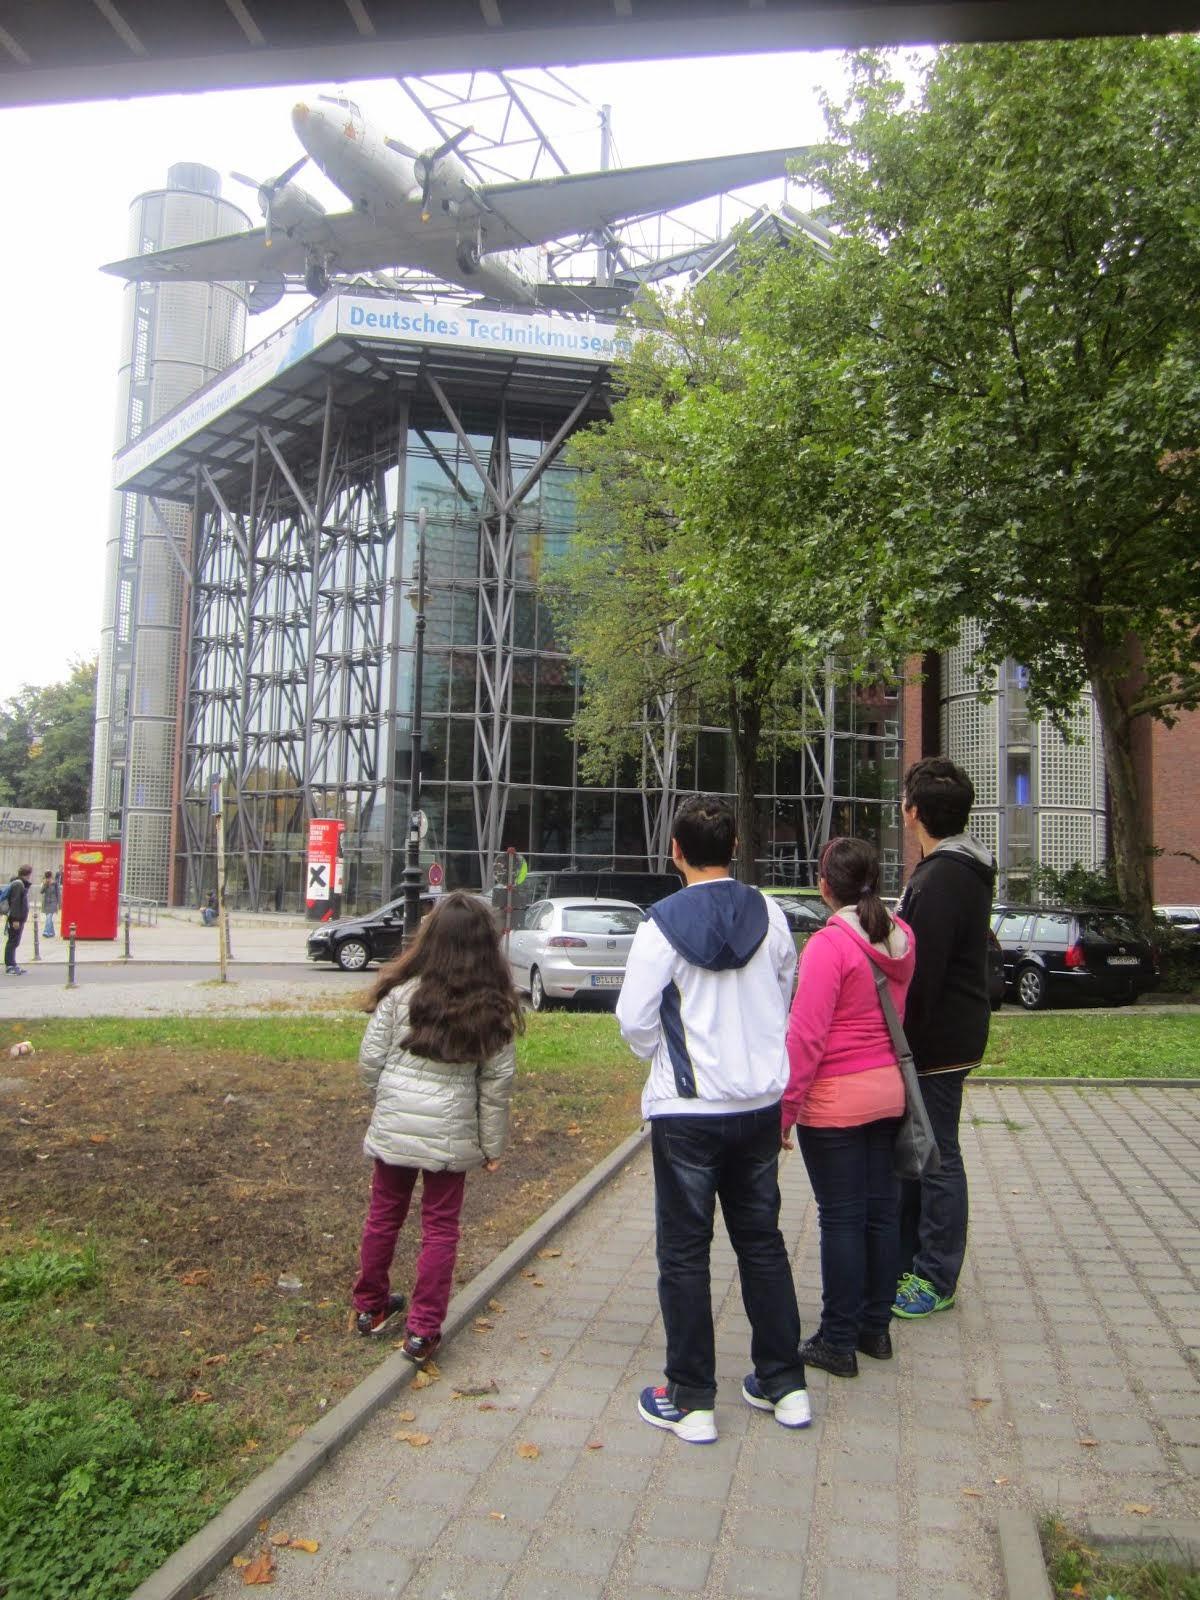 Teknik Müzesi